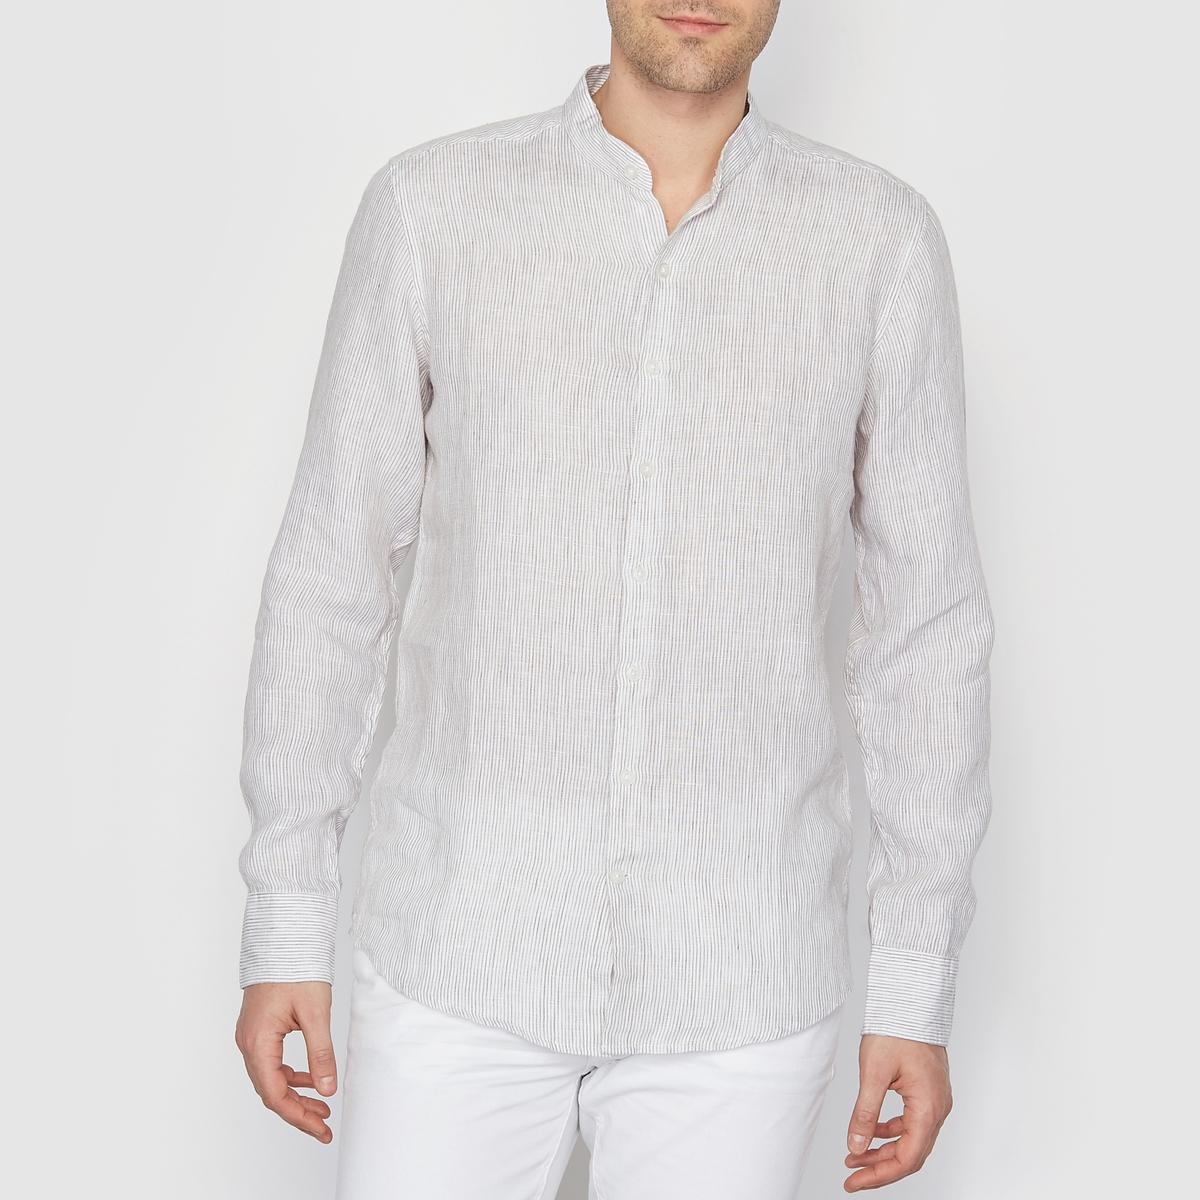 Рубашка в тонкую полоску, из 100% льнаРубашка из 100% льна, в тонкую полоску, R ESSENTIEL. Длинные рукава, манжеты с застежкой на пуговицы. Воротник-стойка (мао). Застежка на пуговицы. Рубашечный низ. Состав и описаниеМарка: R ESSENTIEL.Материал: 100% льна. УходМашинная стирка при 30°C.<br><br>Цвет: в бело-синюю полоску,в полоску белый/ бежевый<br>Размер: 37/38